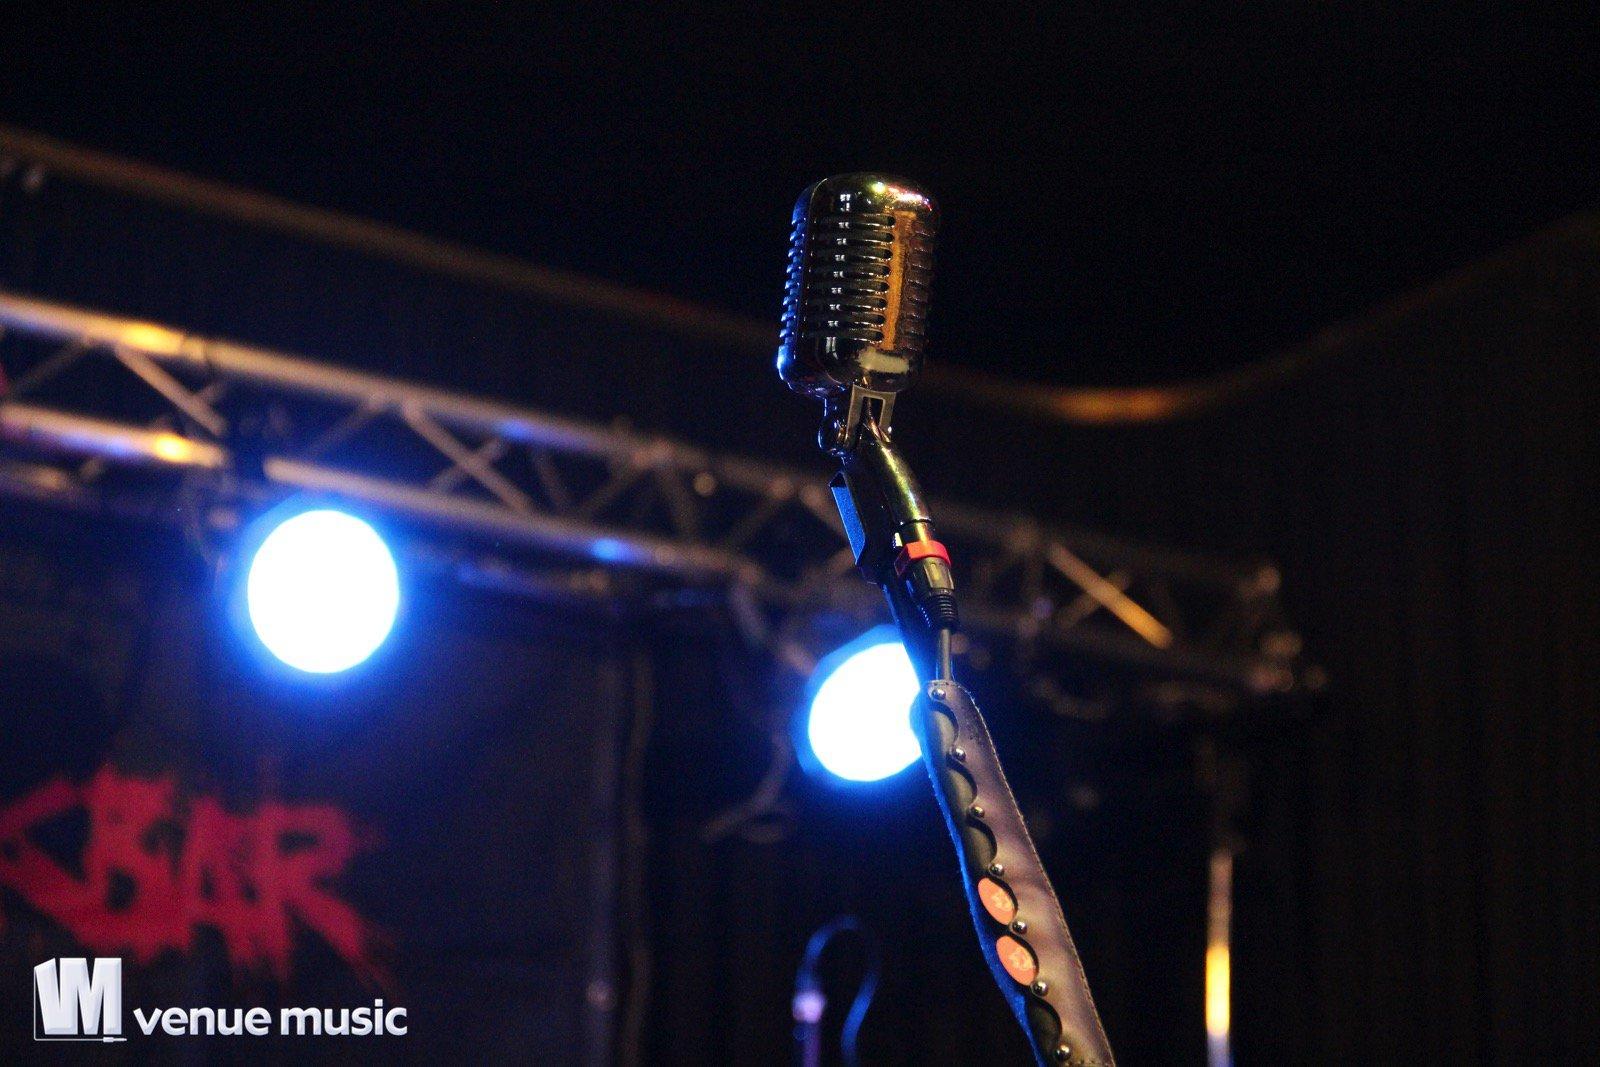 AlleHackbar: 05.03.2016, DCS Supporters Festival 2, Pforzheim